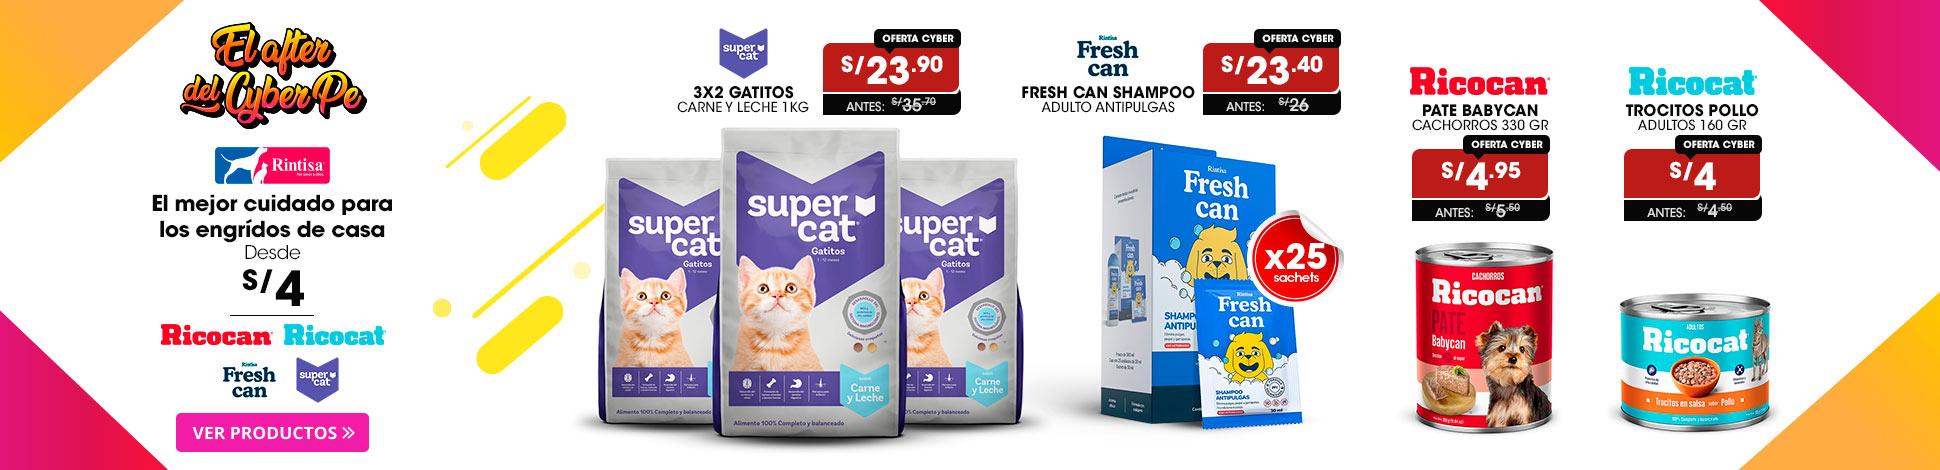 hs-deals-rintisa-mascotas.jpg | Juntoz.com